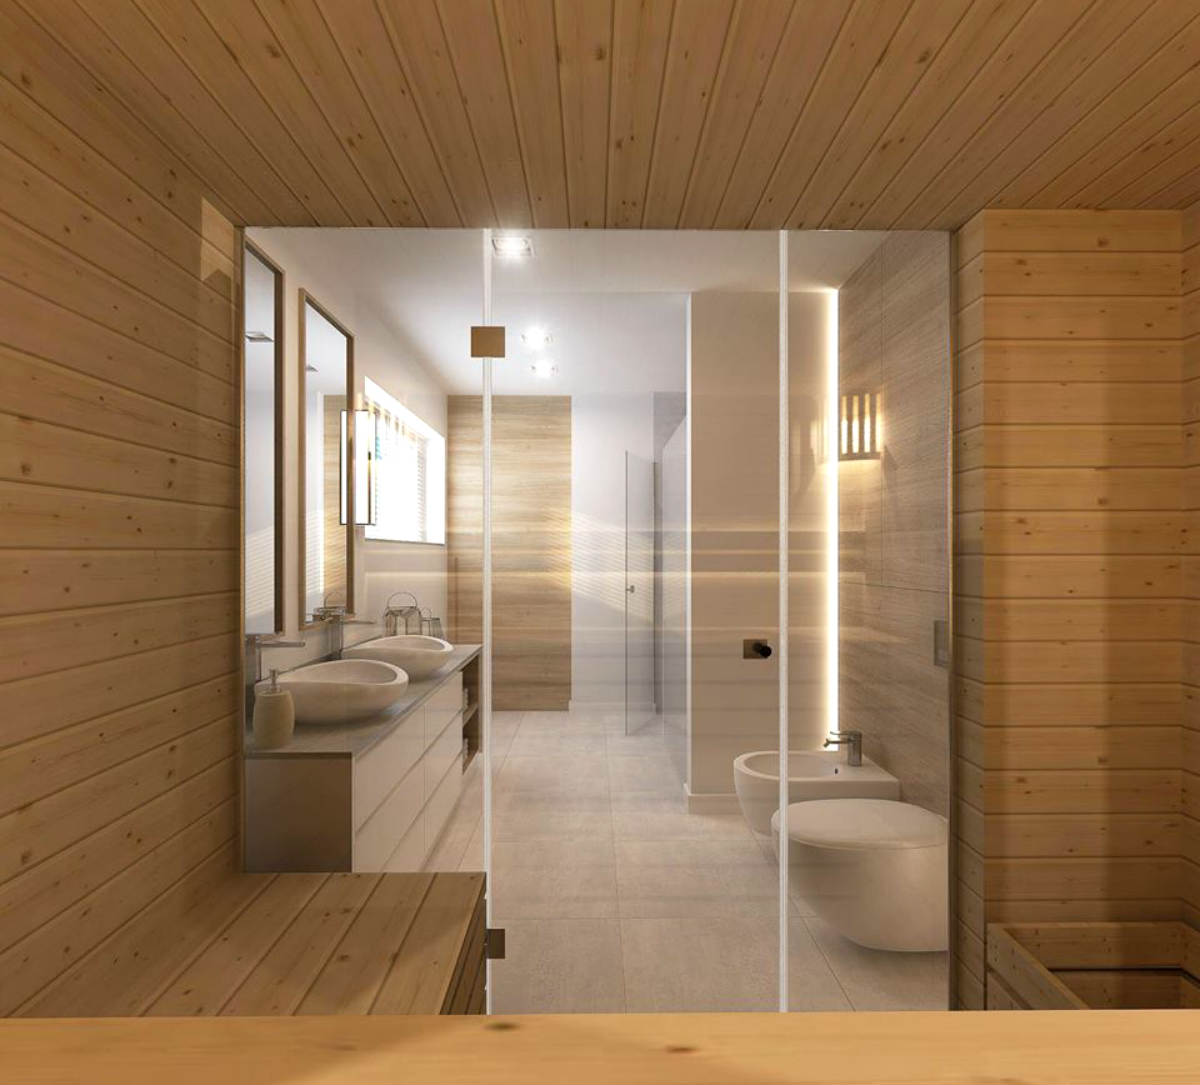 Ty też możesz mieć taki widok na łazienkę - z własnej sauny Golden Saunas